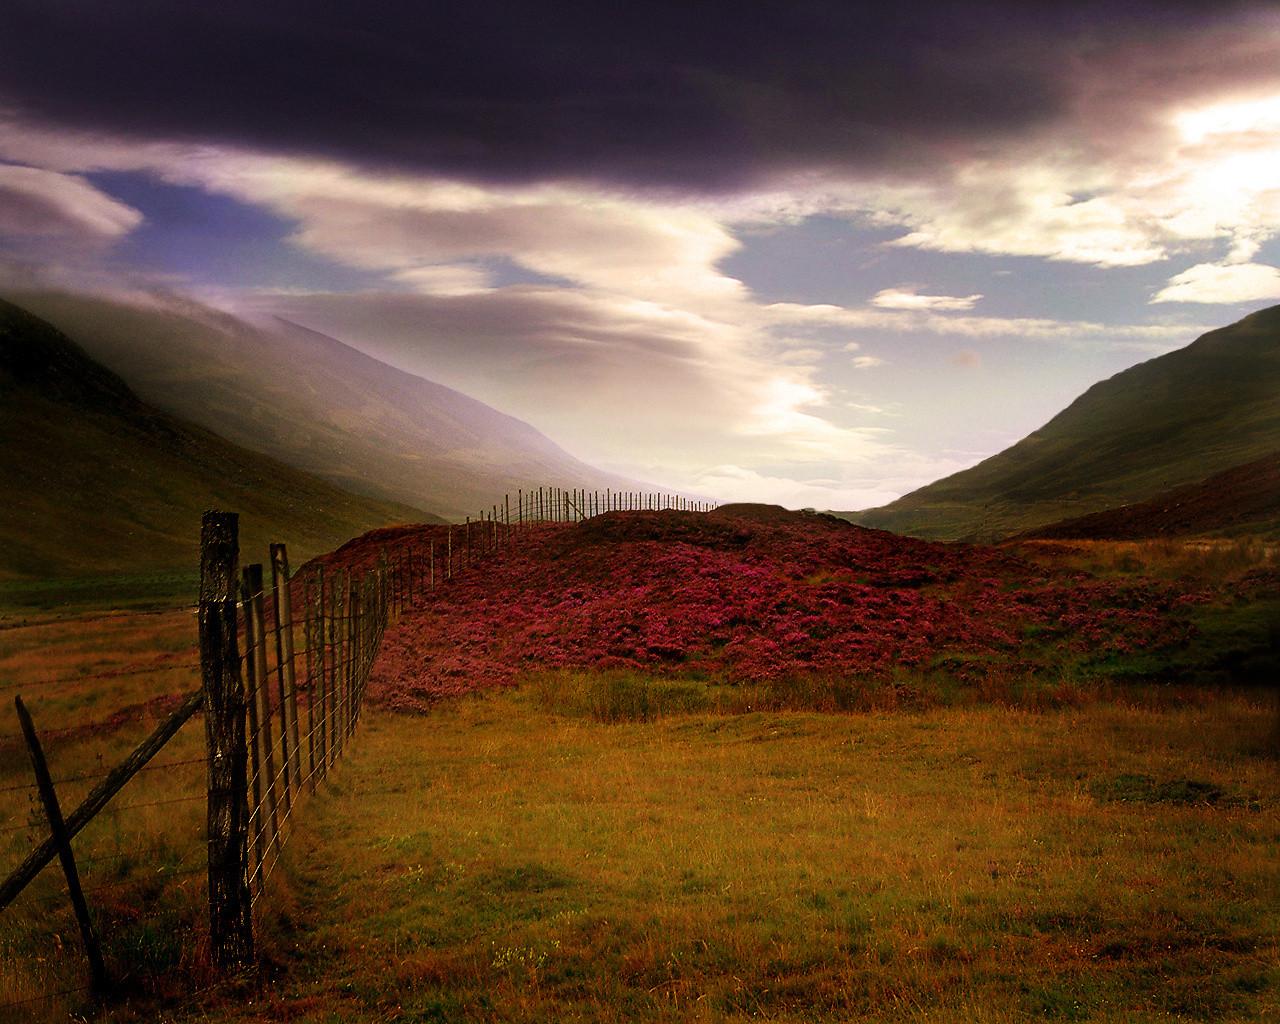 http://4.bp.blogspot.com/-GBVgdBecwgo/TsTzPIqS9II/AAAAAAAABoQ/OBFFH4psqWE/s1600/Scottish_Heather_Scotland.jpg